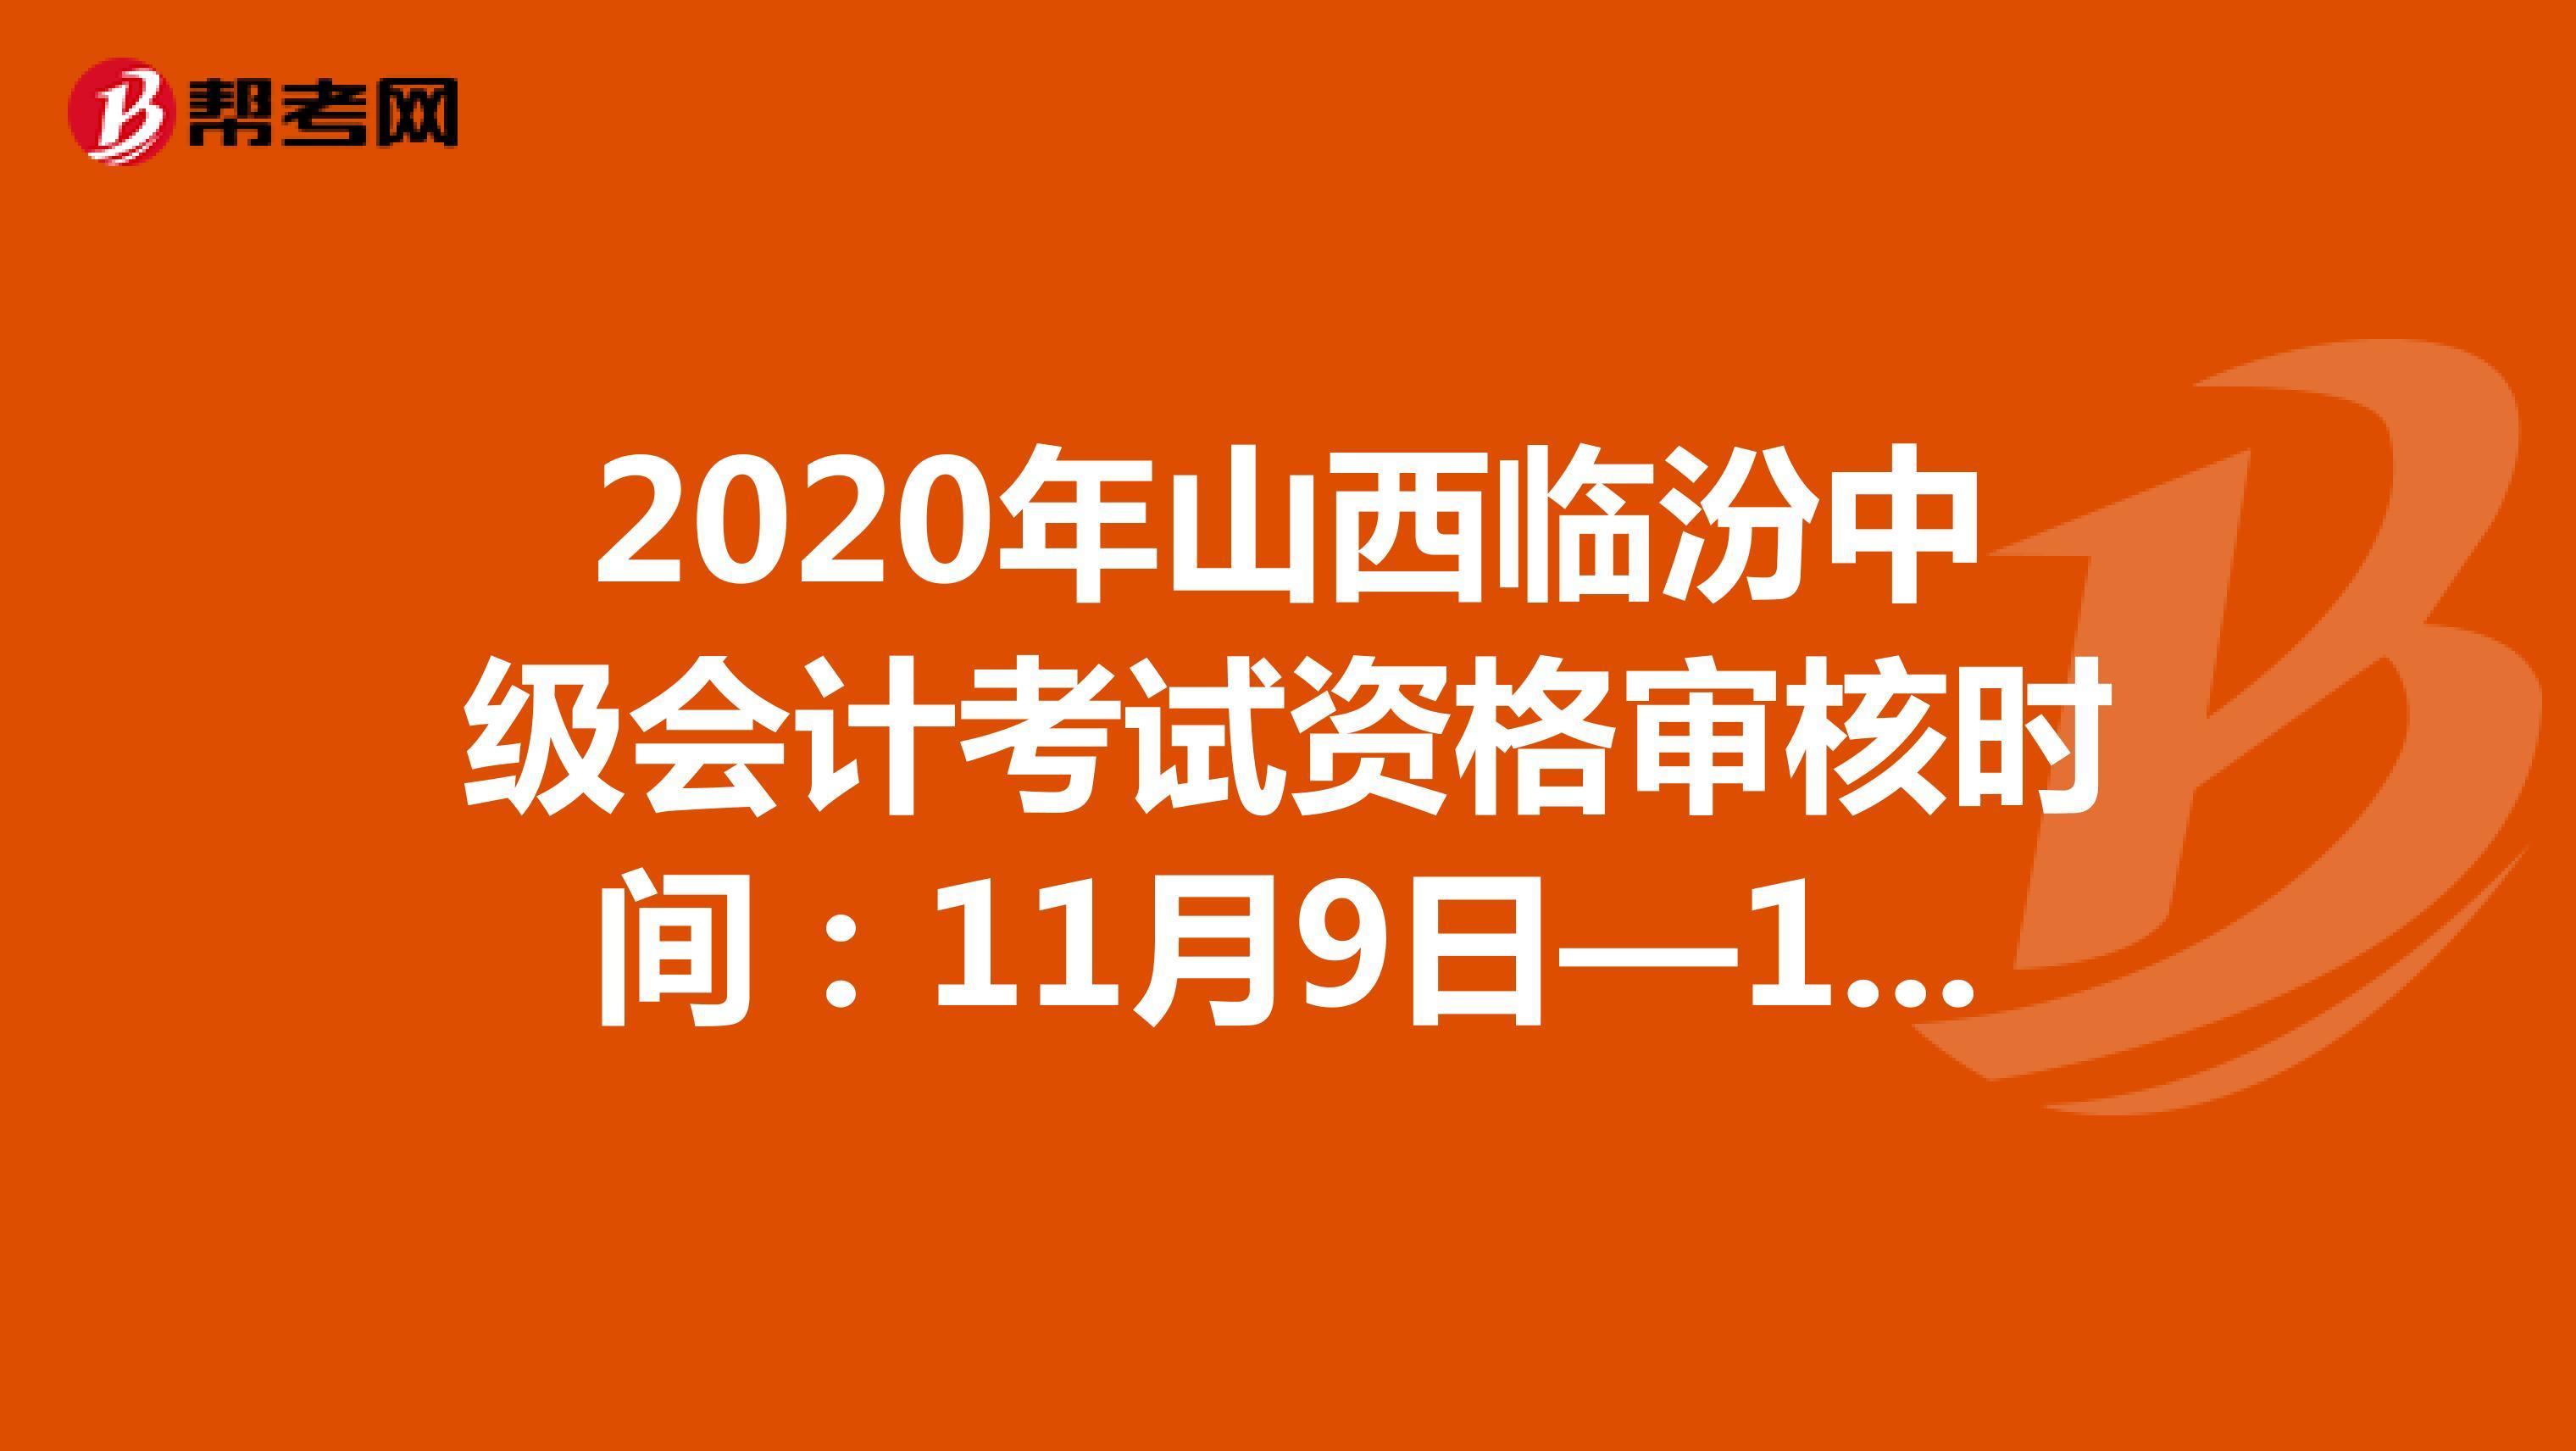 2020年山西临汾中级会计考试资格审核时间:11月9日—11月11日